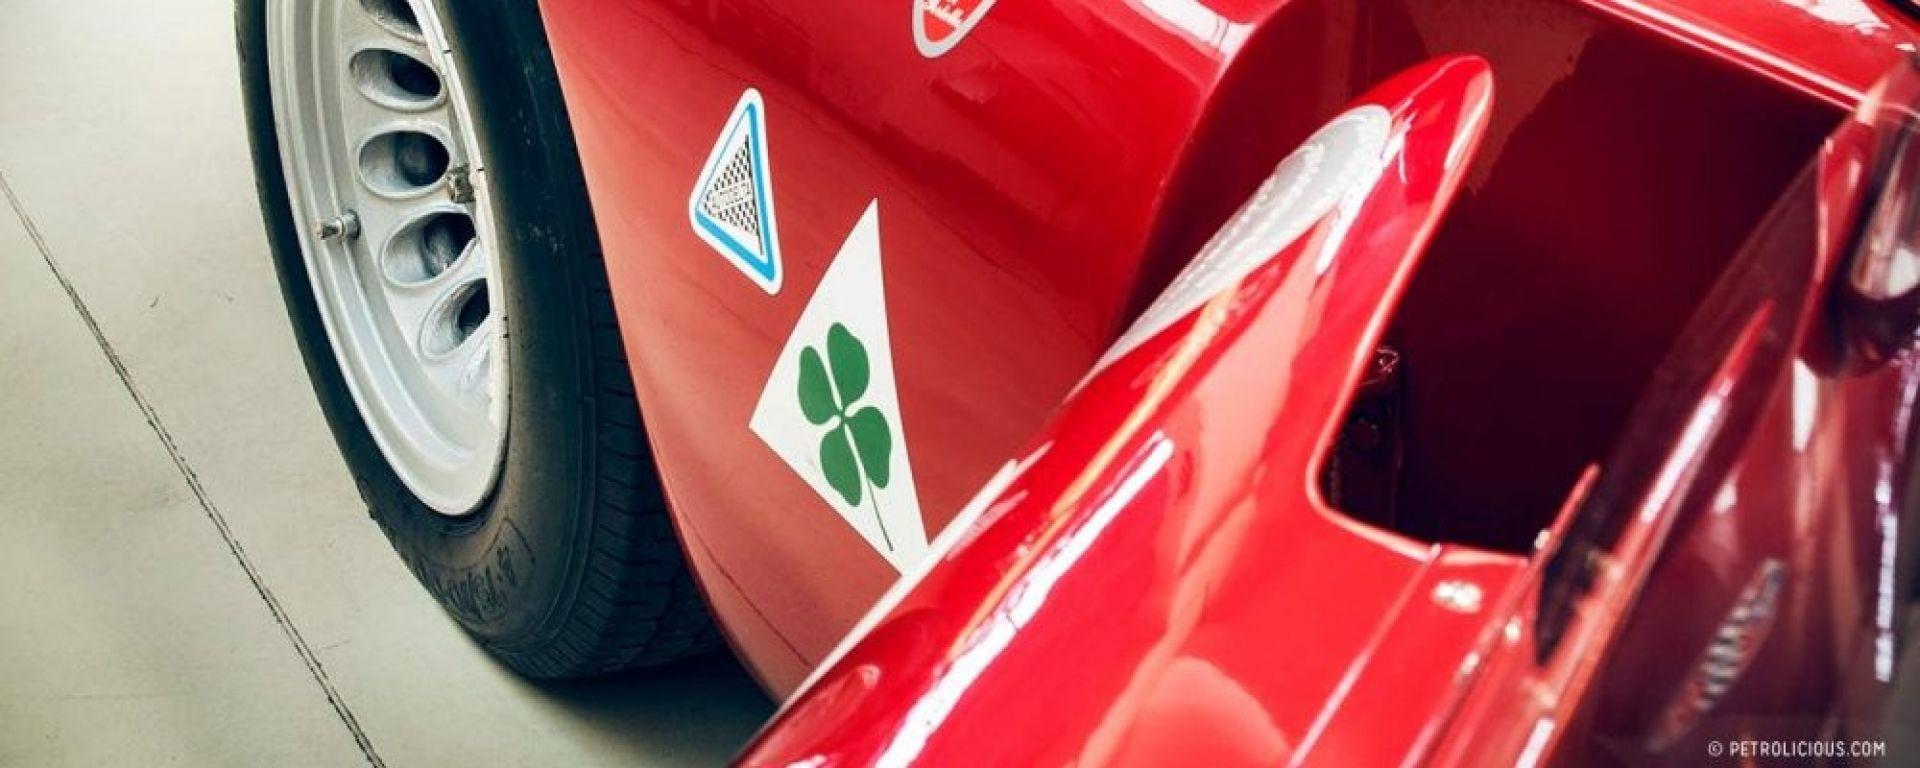 Il Quadrifoglio Verde di Alfa Romeo presente sulla Ferrari F1 2018